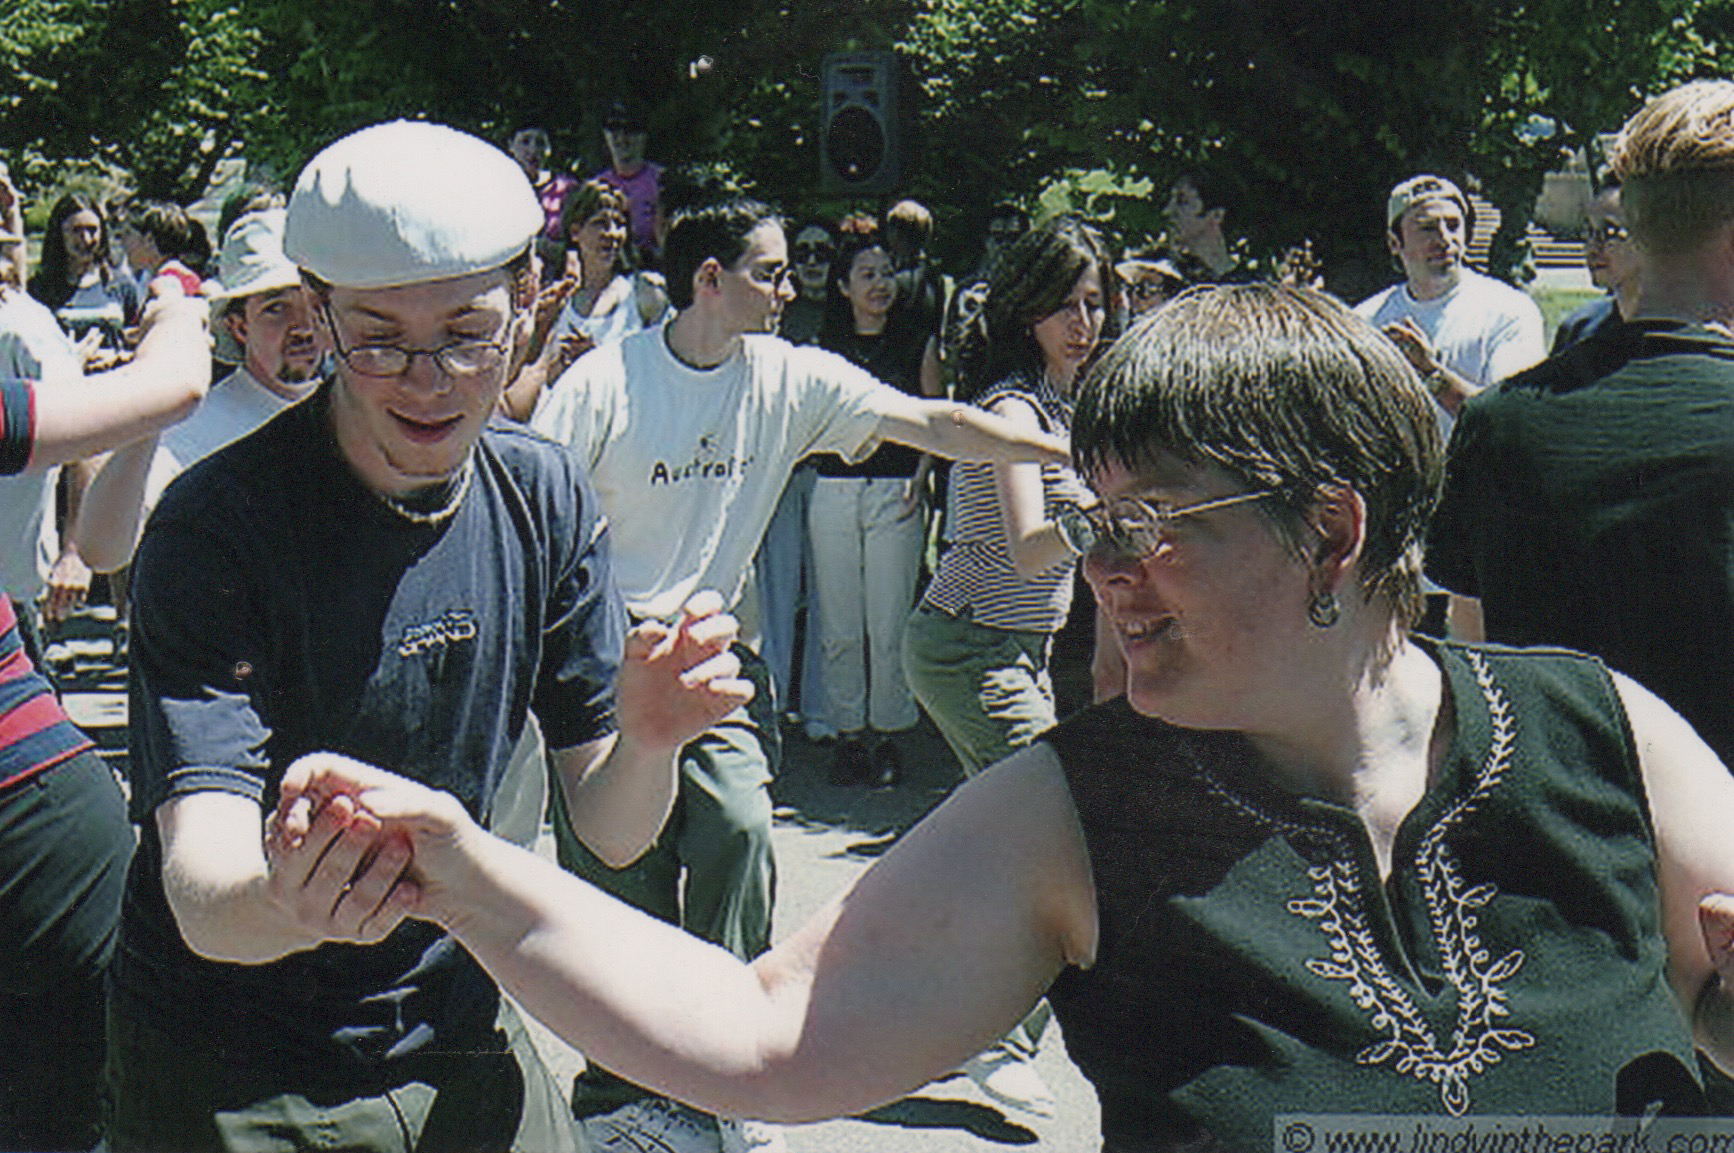 Jodi swing dancing at Lindy In The Park. 2008.